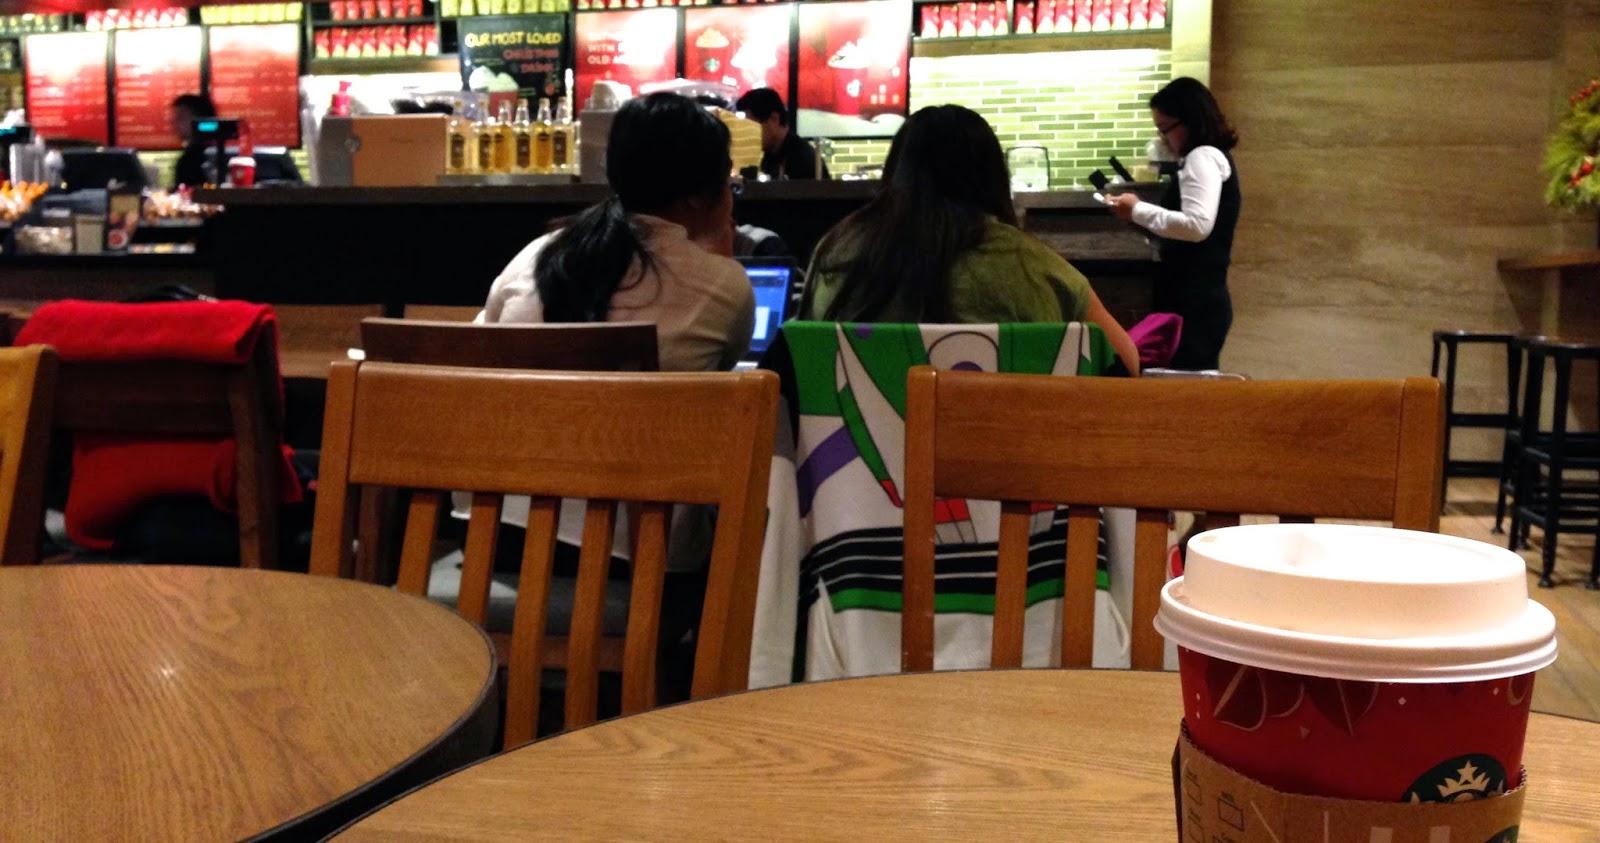 ハノイスタバの店内 with Caffe mocha